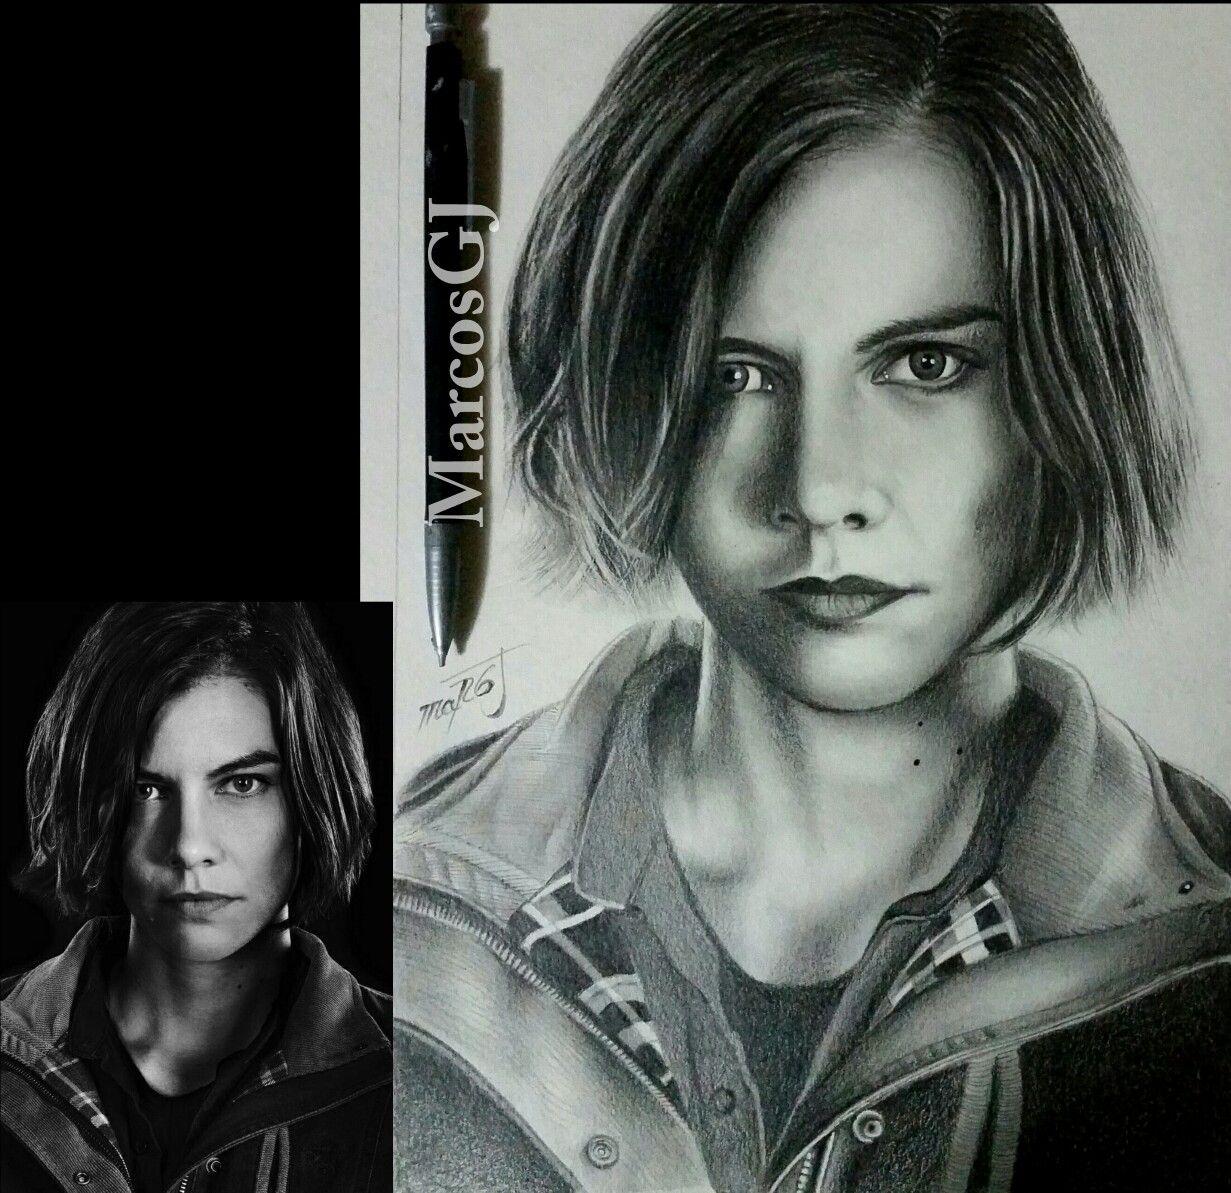 Dibujo A Lapiz Retrato 12 Drawing Pencil Portrait Maggie The Walking Dead Retratos The Walking Dead Walking Dead